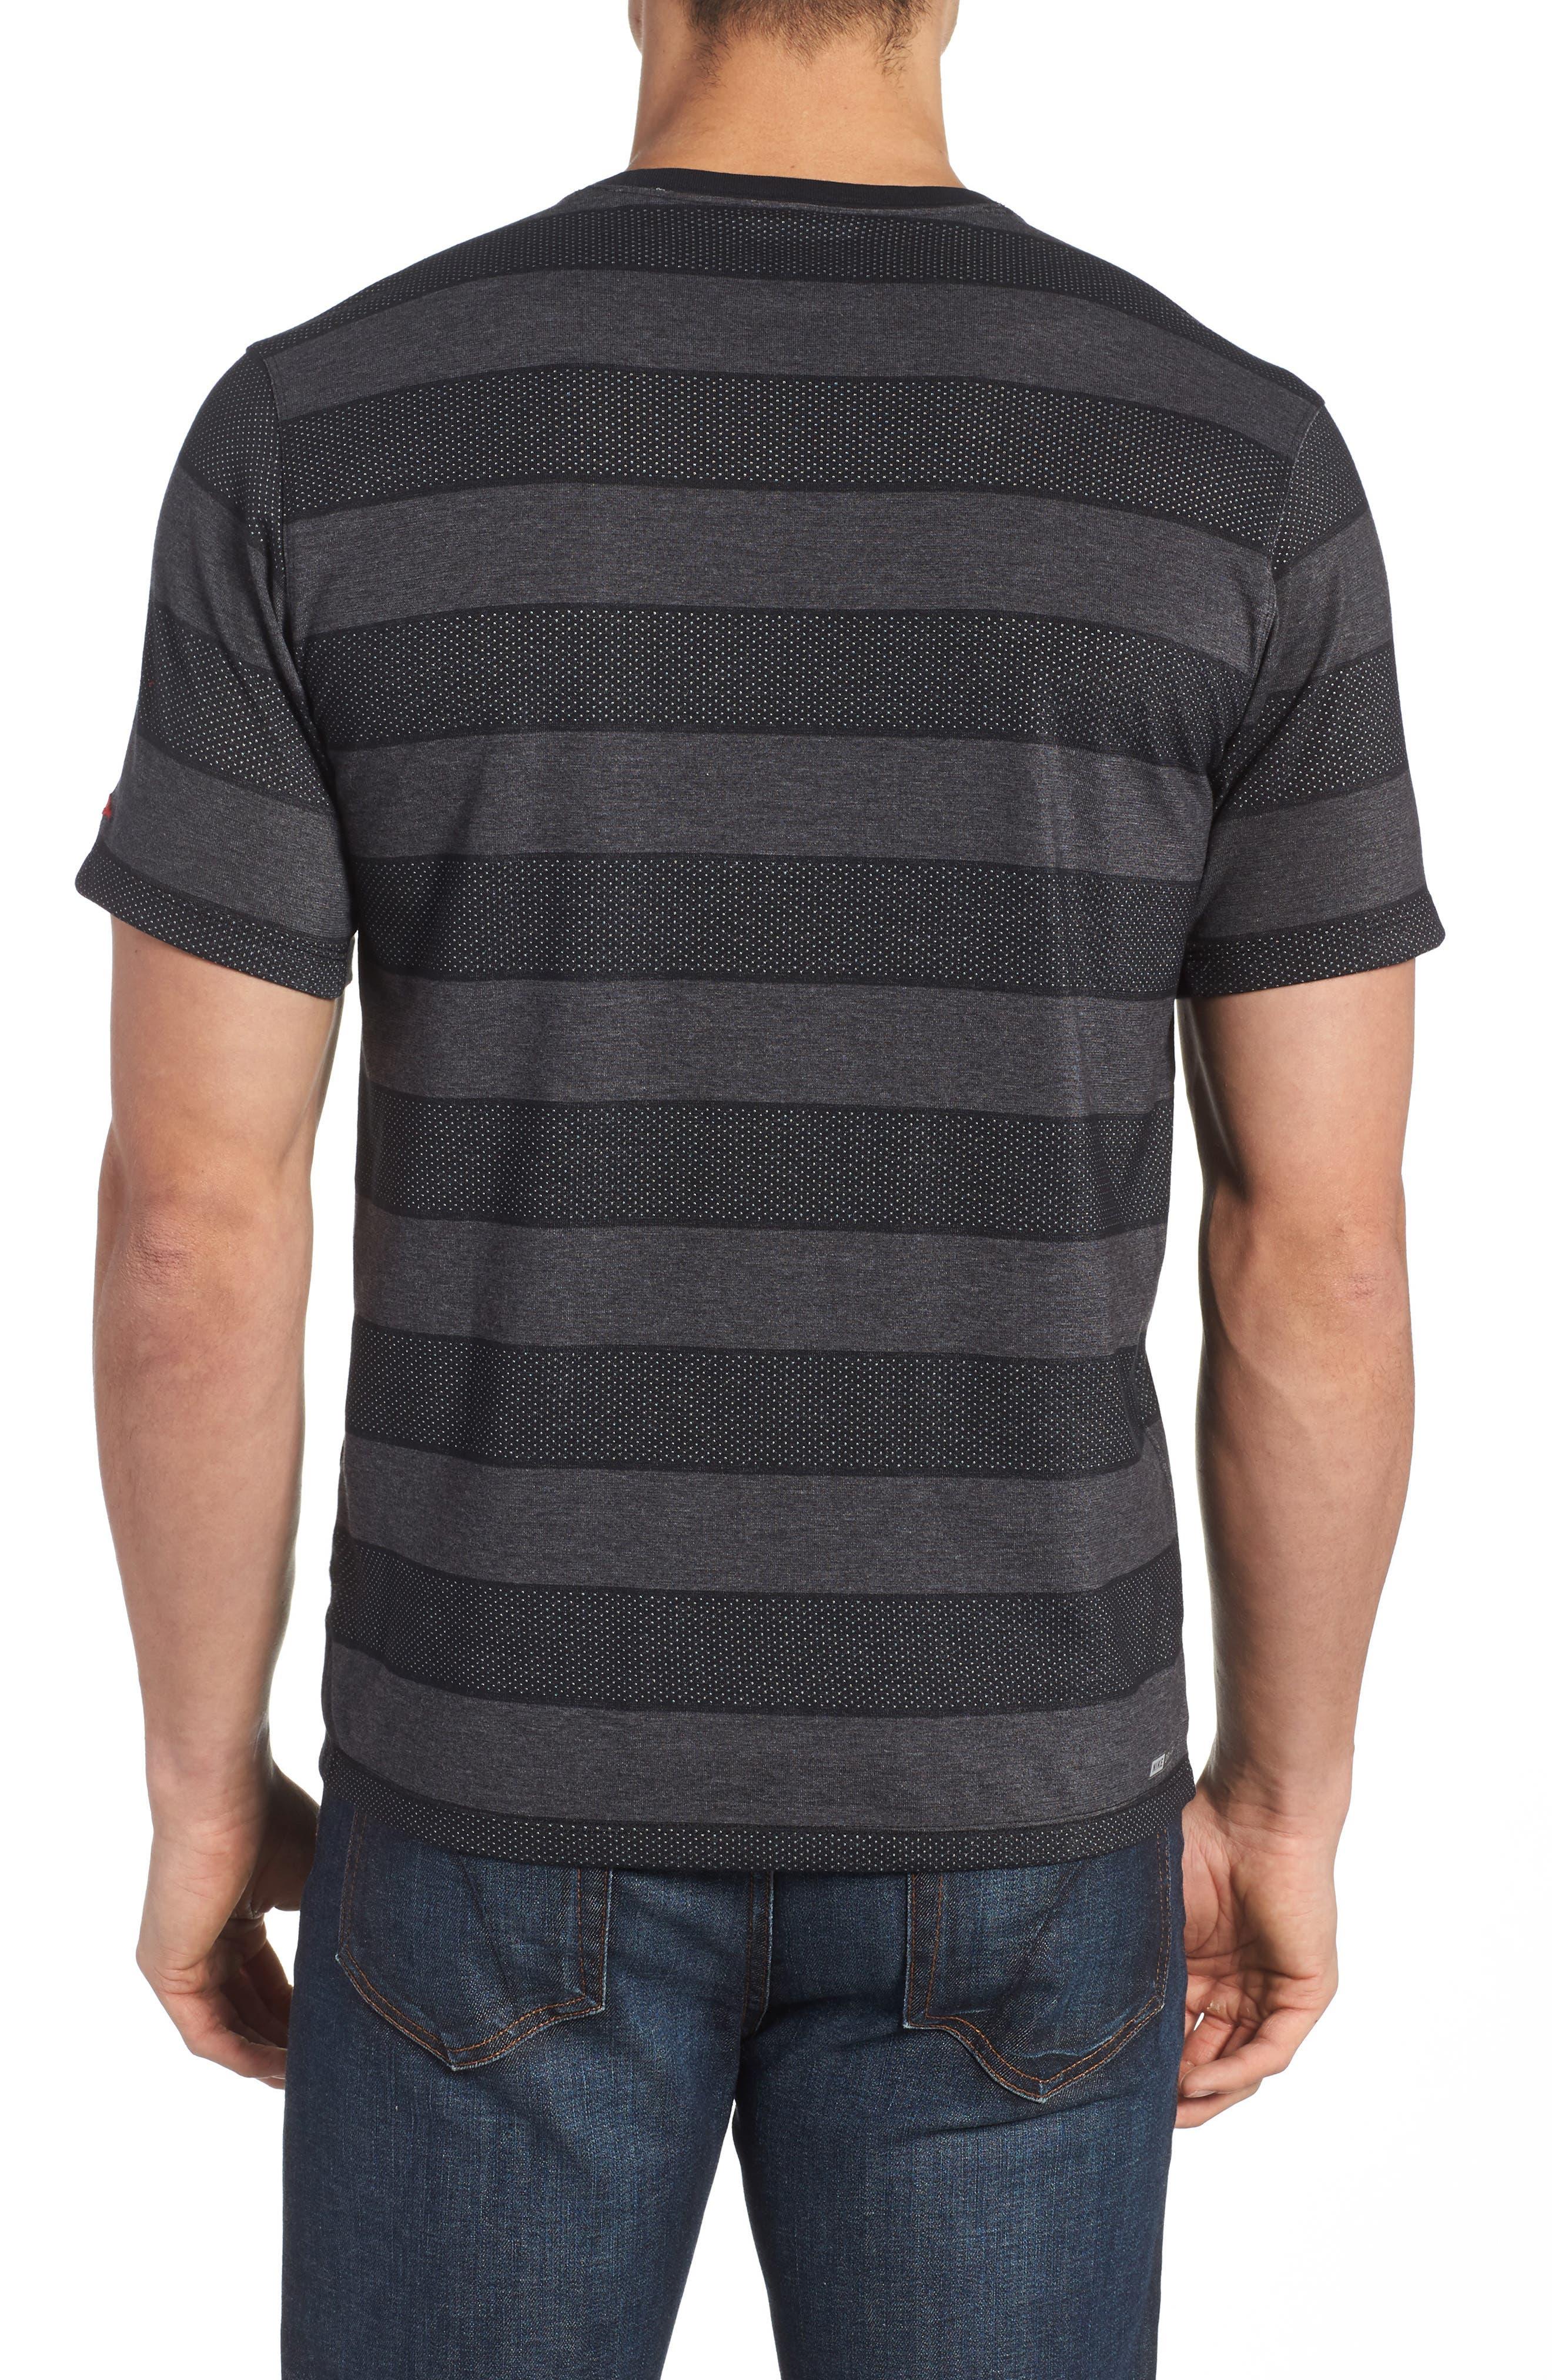 Alternate Image 2  - Hurley Regatta Dri-FIT T-Shirt